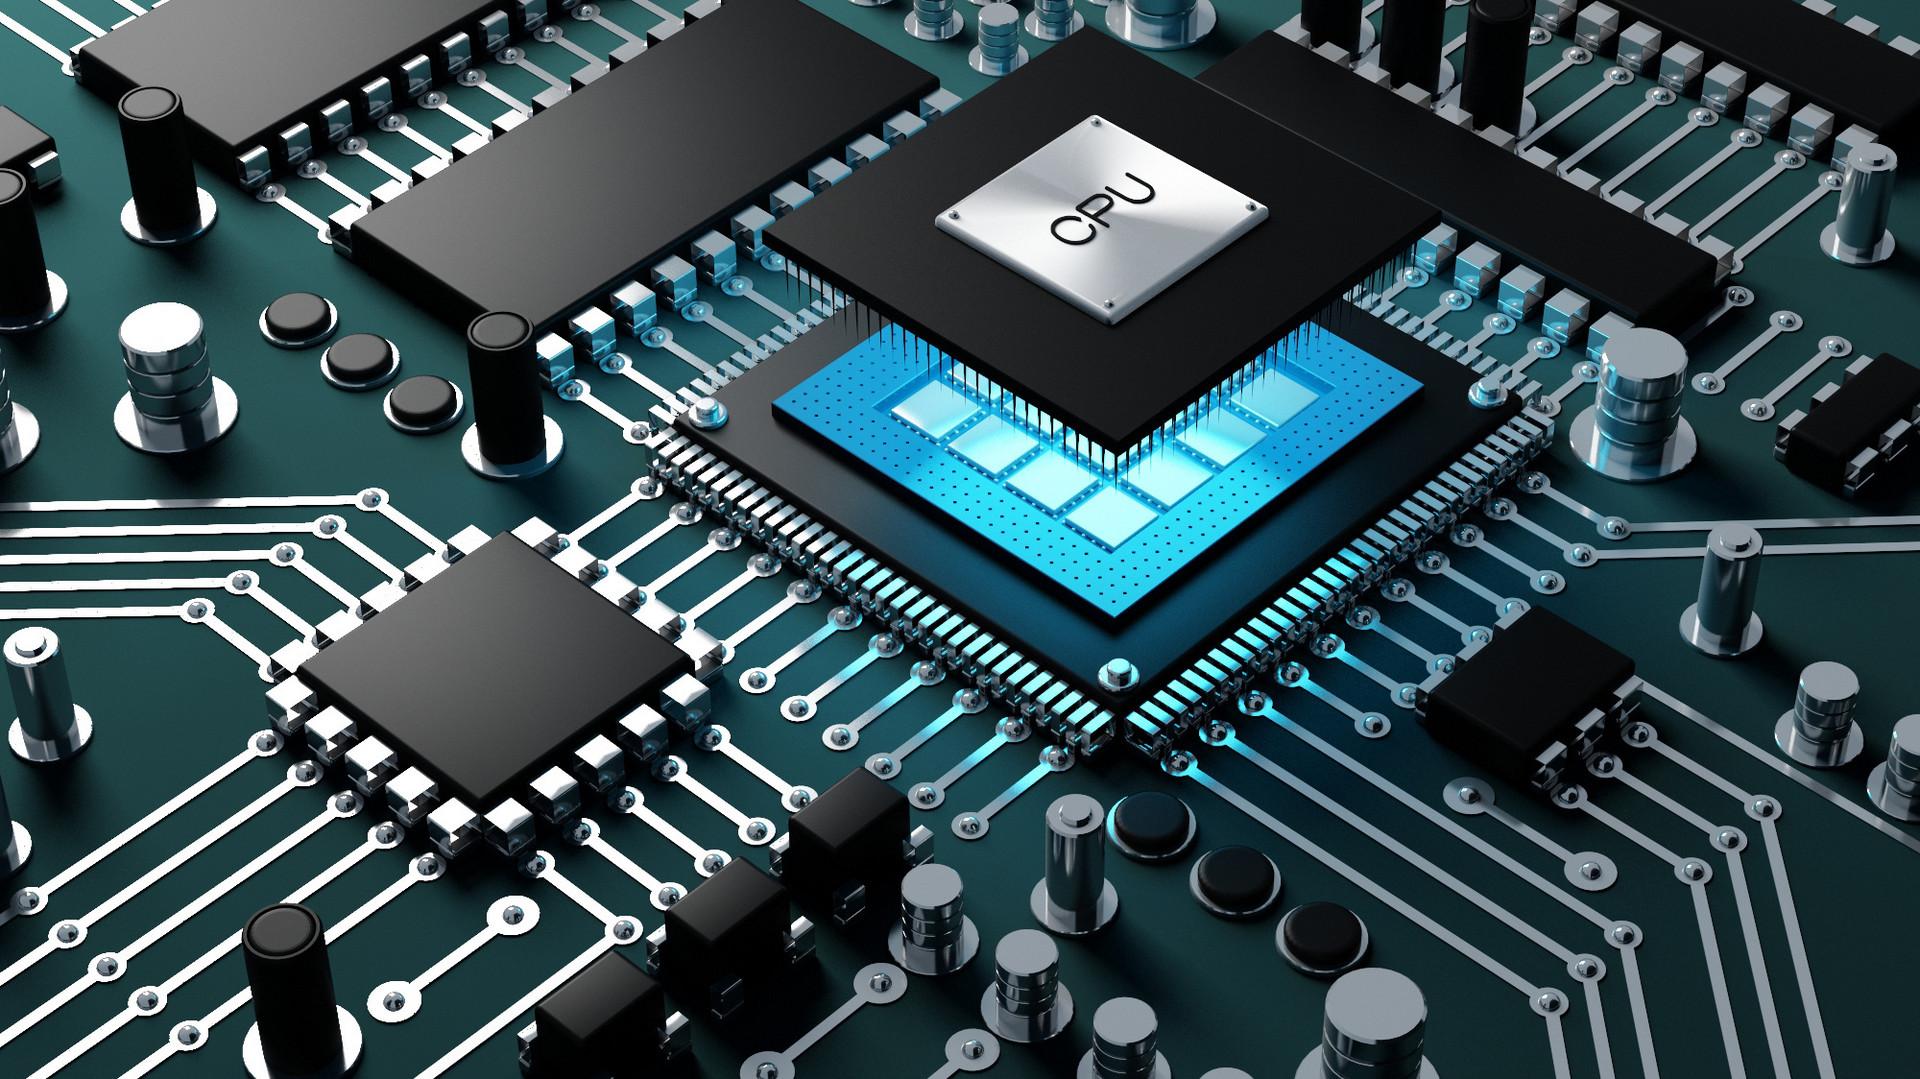 英特尔发表 7奈米Xe架构GPU